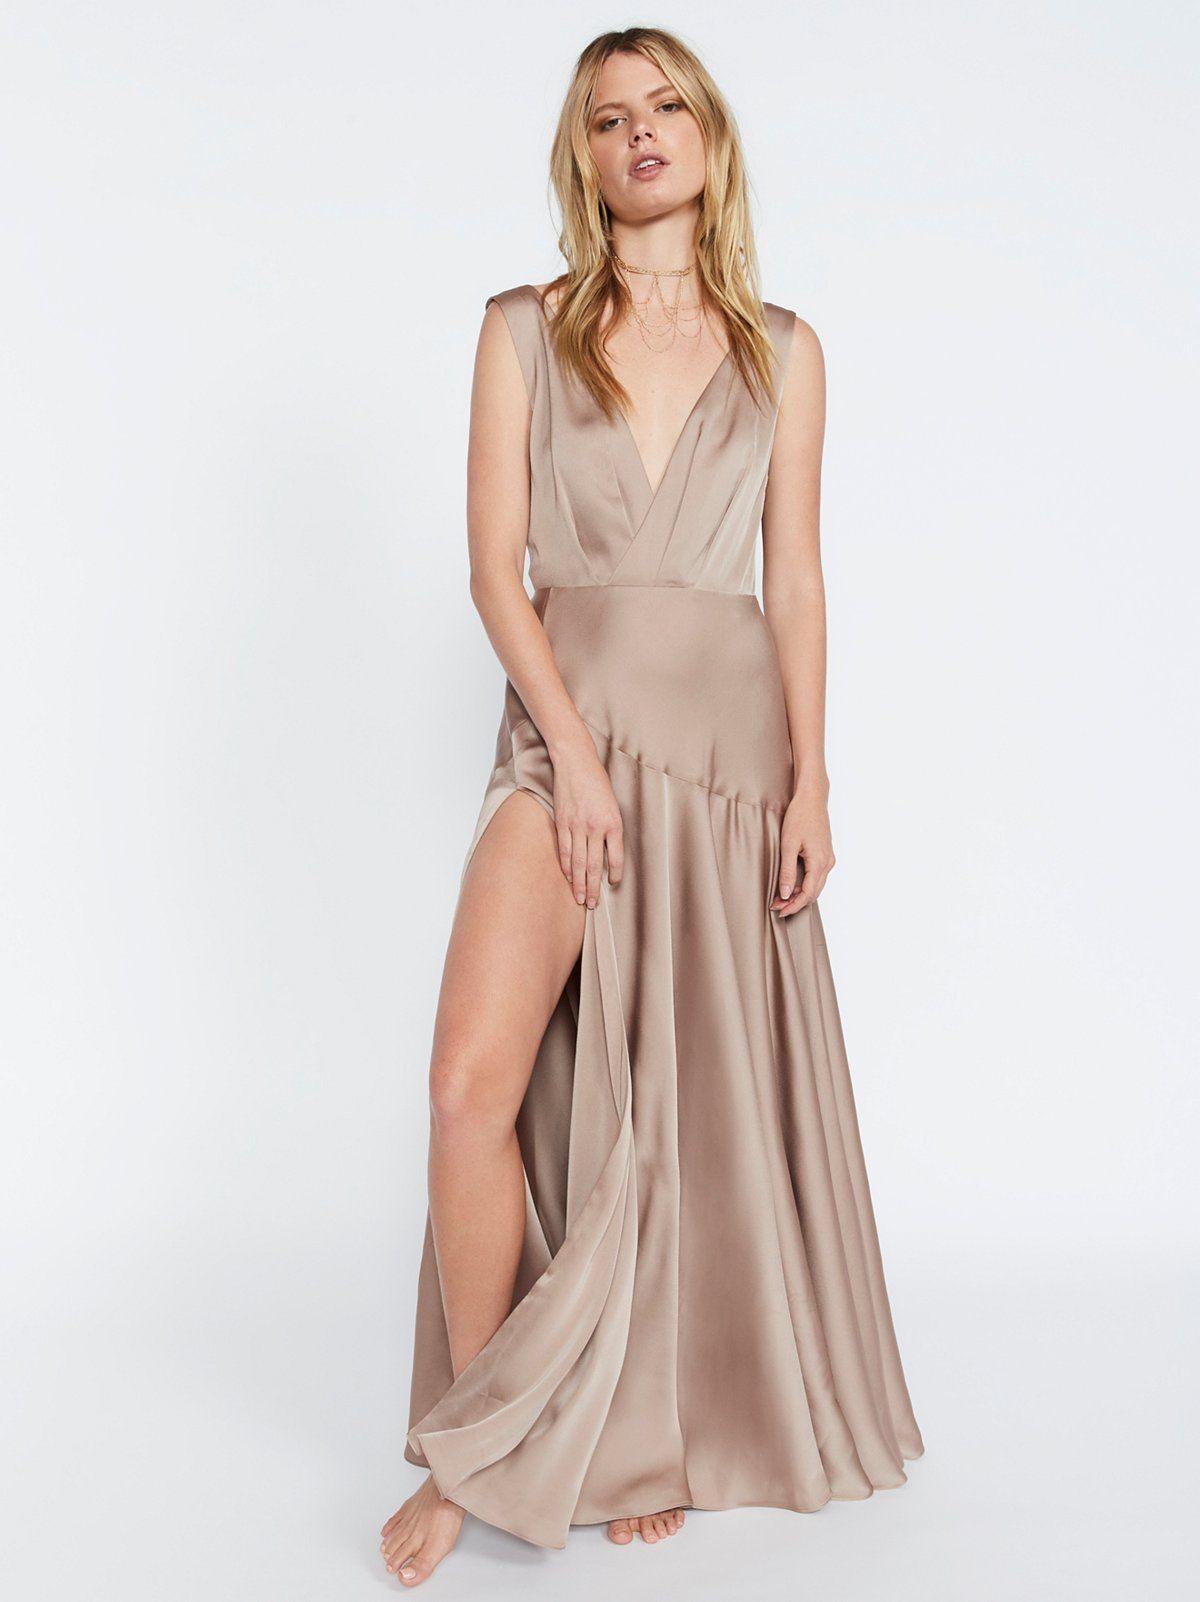 Essie Maxi Dress In 2021 Maxi Dress Champagne Maxi Dress Womens Boho Dresses [ 1602 x 1200 Pixel ]